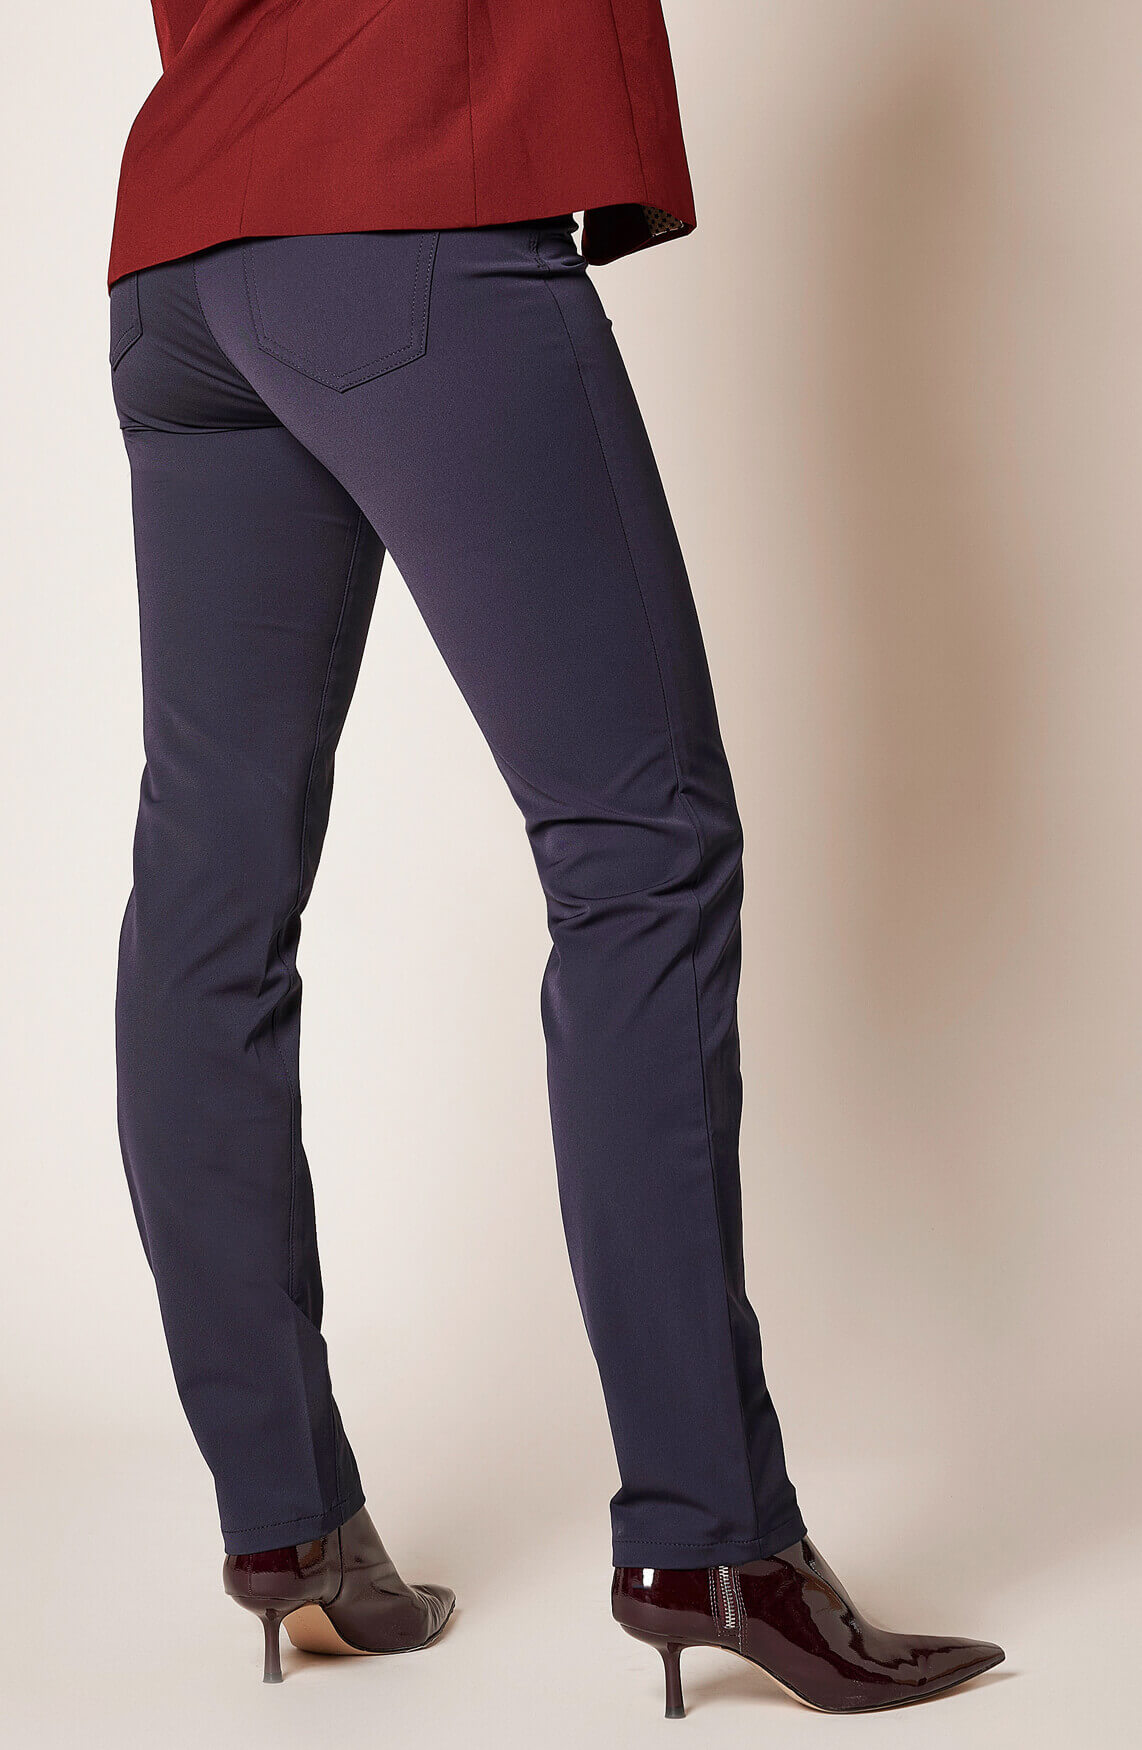 Rosner Dames L32 Audrey pantalon Blauw